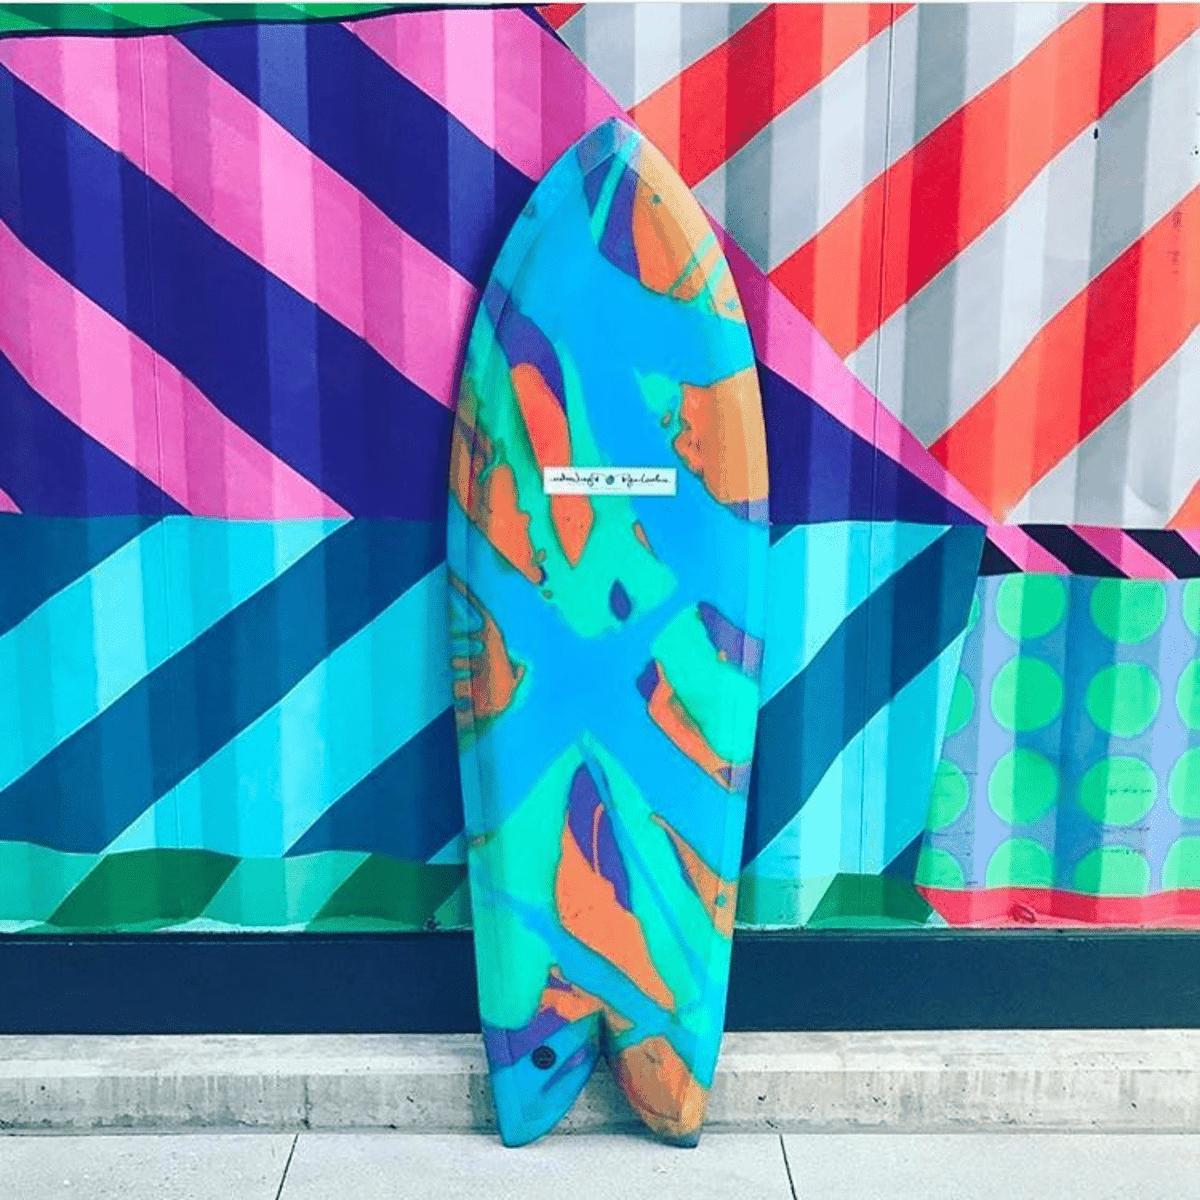 surfboard abstract art ryan lovelace